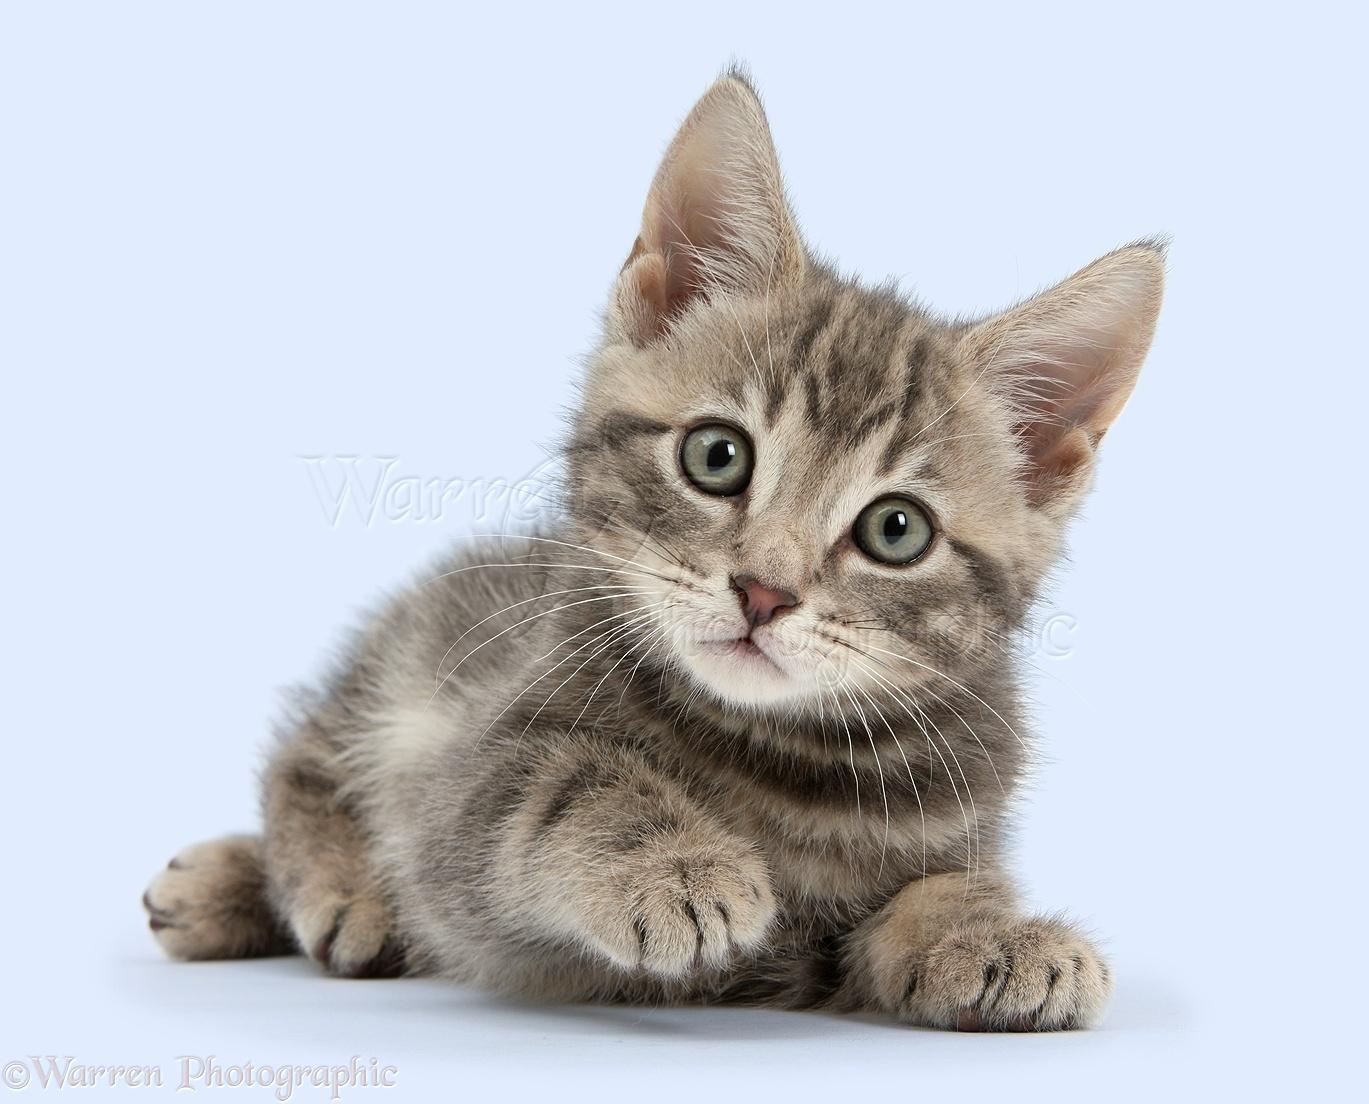 36522-Tabby-kitten-white-background.jpg